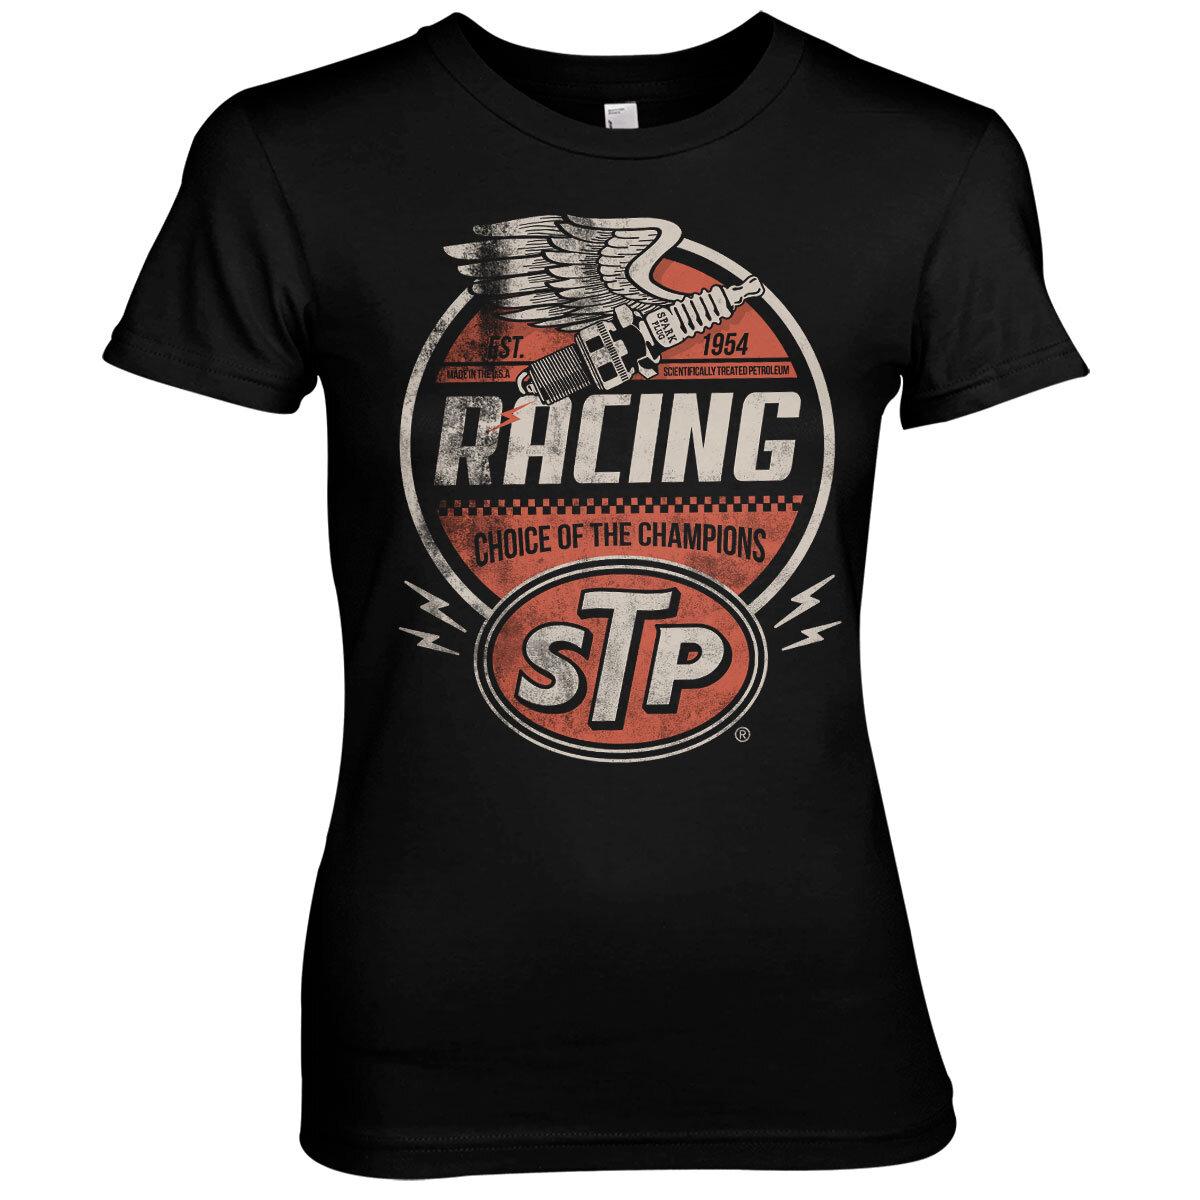 STP Vintage Racing Girly Tee